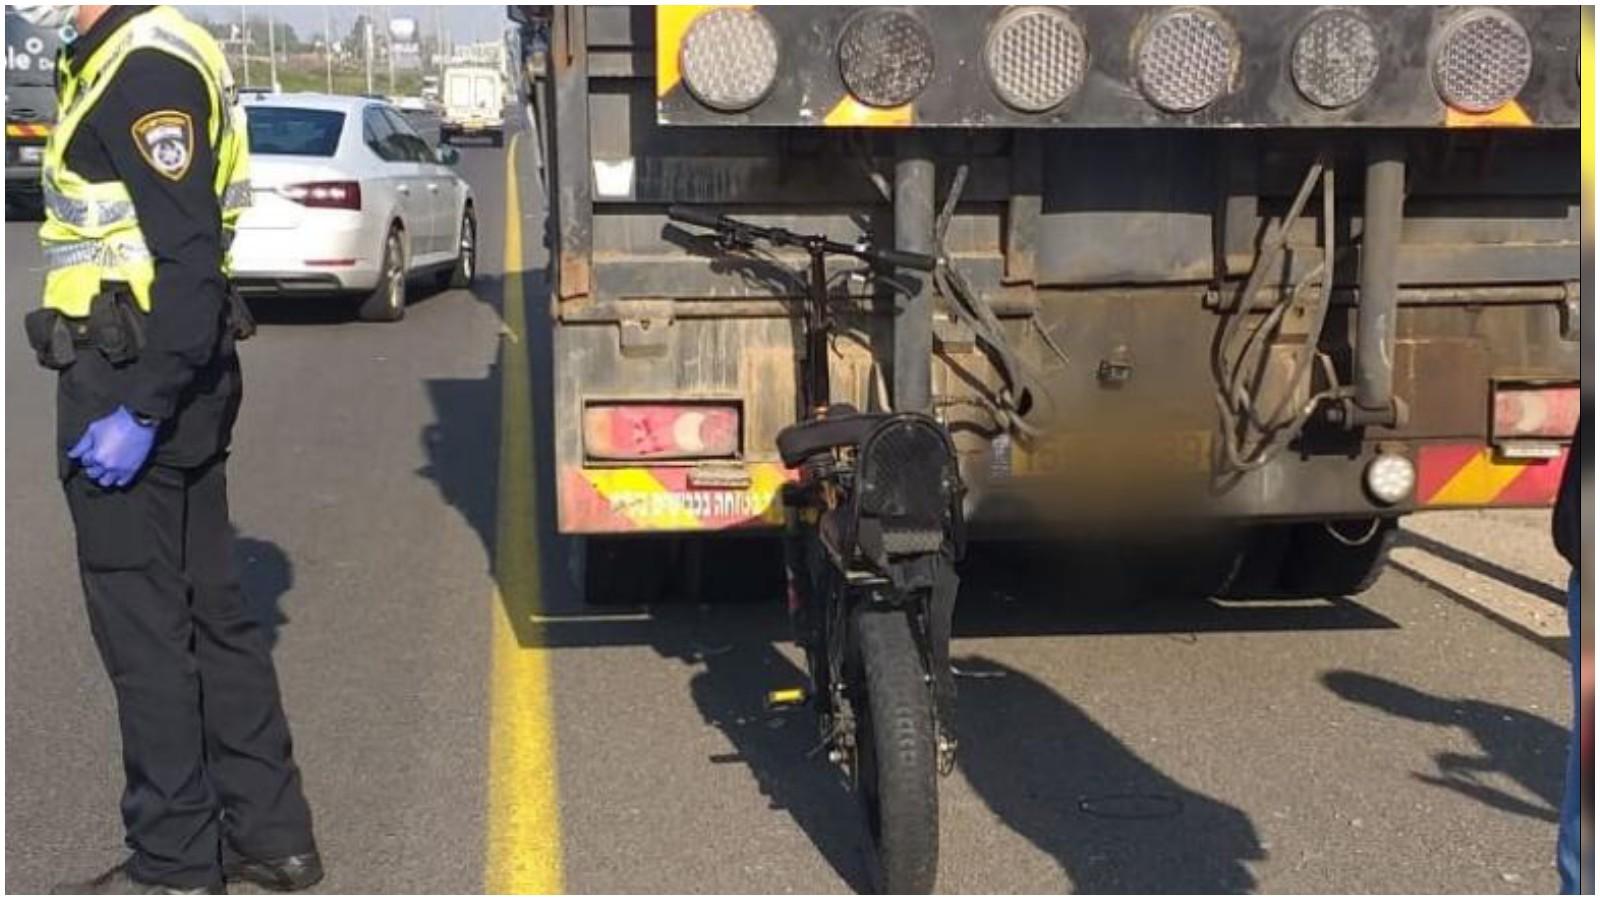 תאונה בין אופניים חשמליים למשאית צילום איחוד הצלה פתח תקווה